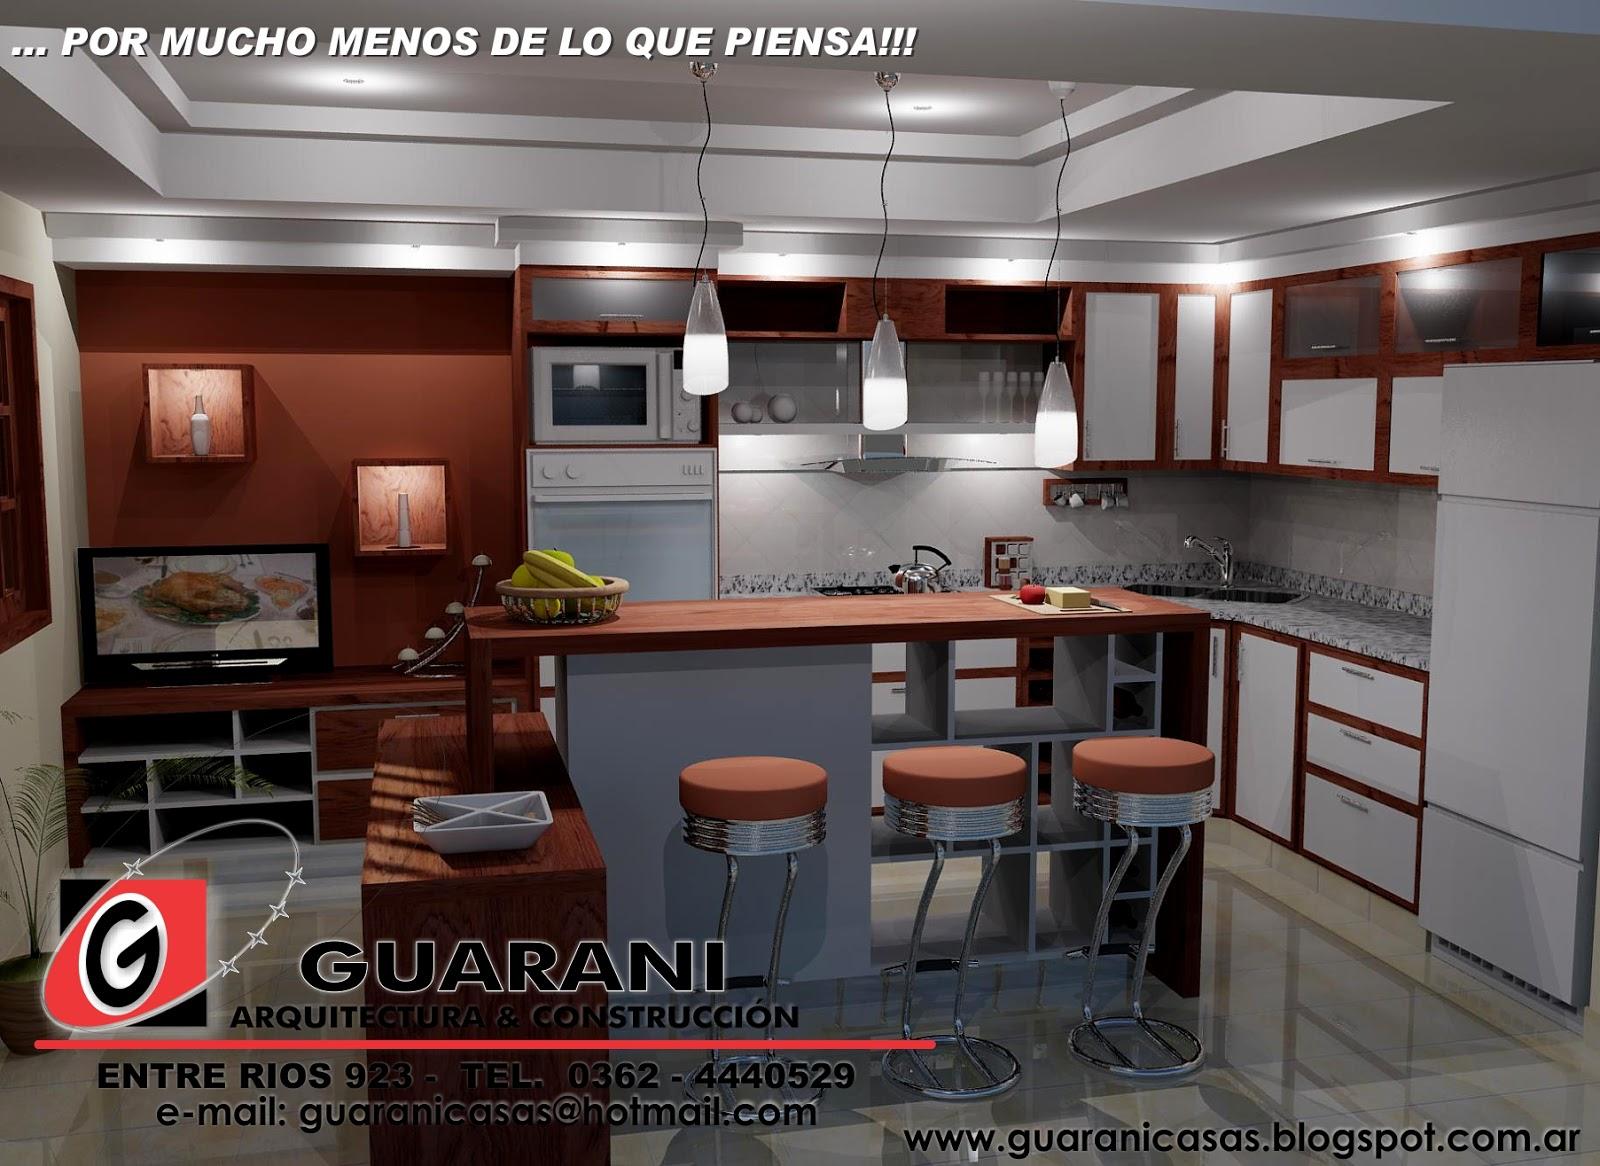 Arquitectura y construccion dise os de cocinas casa de - Diseno de cocina 3d ...